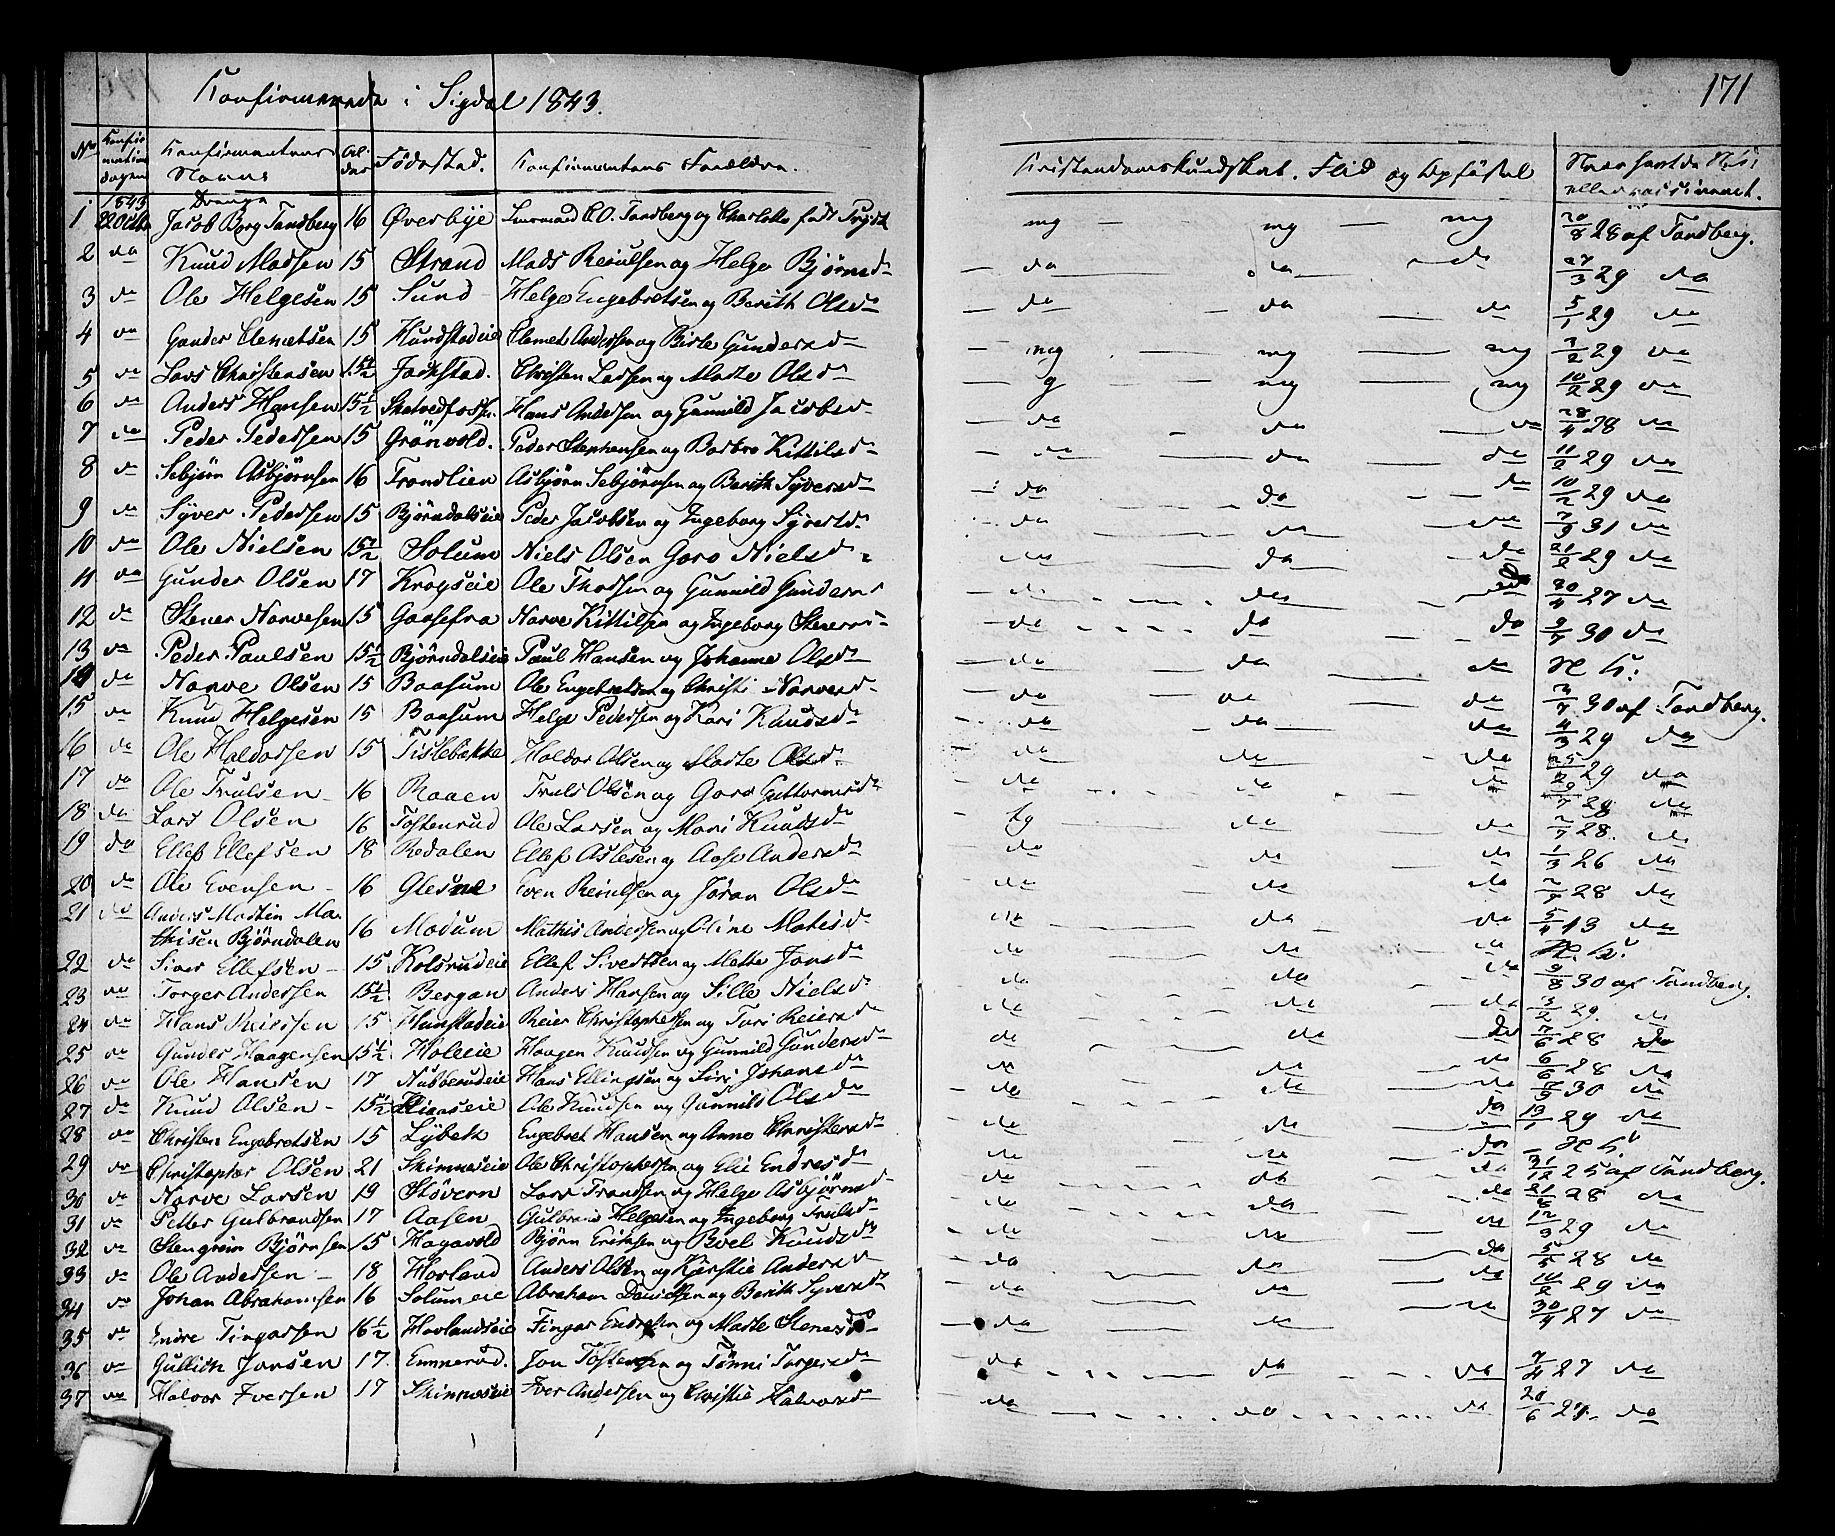 SAKO, Sigdal kirkebøker, F/Fa/L0006: Ministerialbok nr. I 6 /1, 1829-1843, s. 171